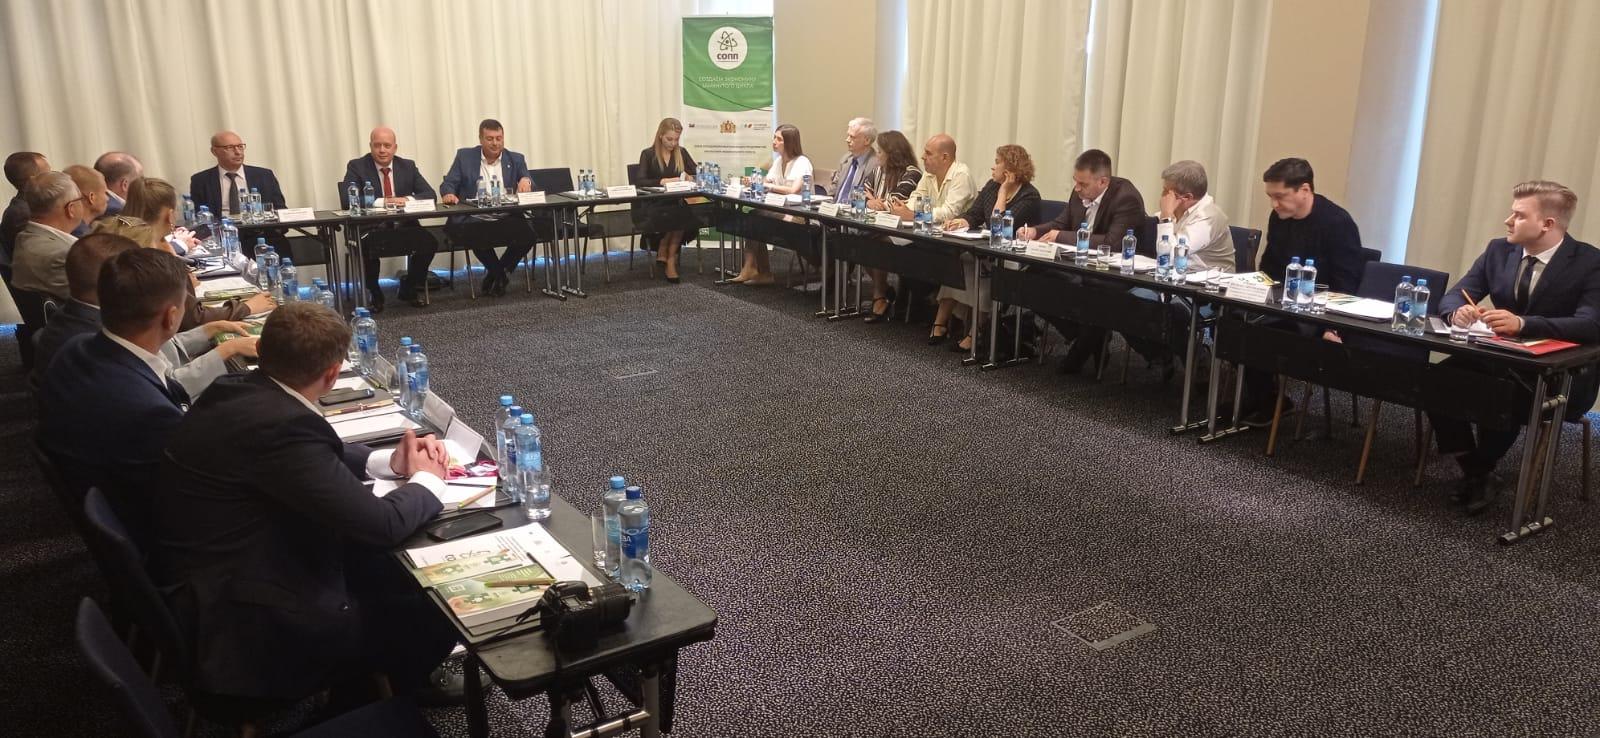 В Екатеринбурге прошло Межрегиональное совещание «Комплексное обращение с отходами производства и потребления по принципу экономики замкнутого цикла»